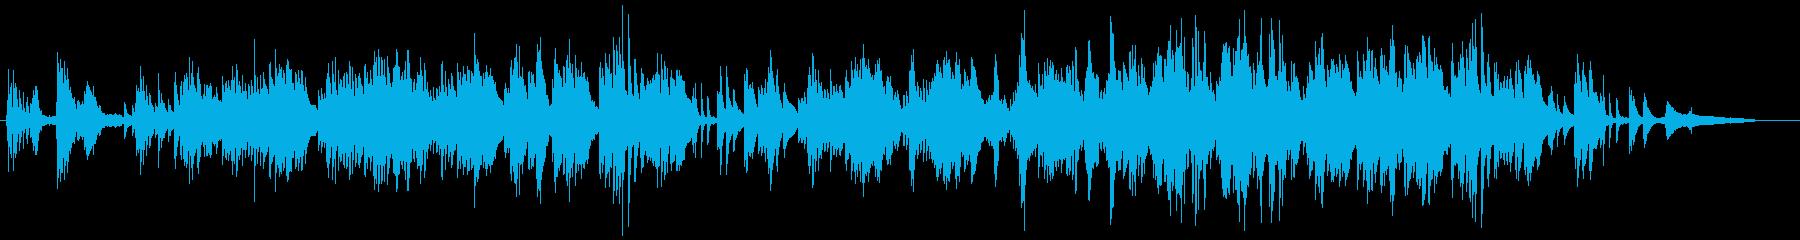 和風のゆったりしたピアノソロの再生済みの波形